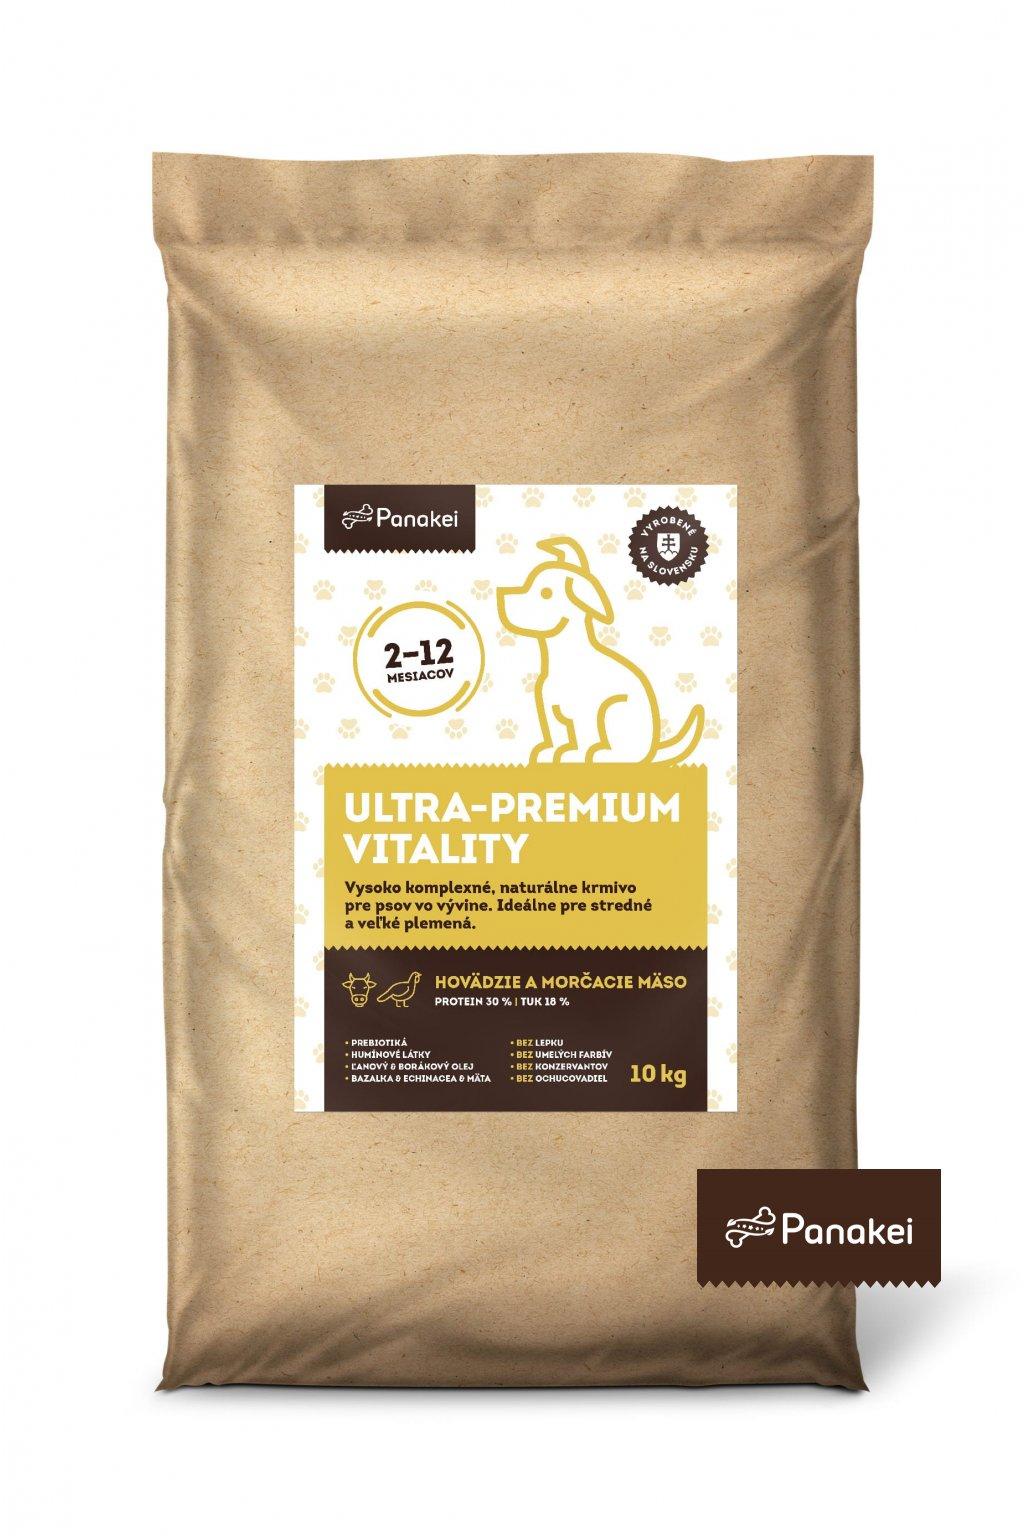 Pack2 ULTRAPREMIUM VITALITY stenata M+L+XL 10kg 2 min min